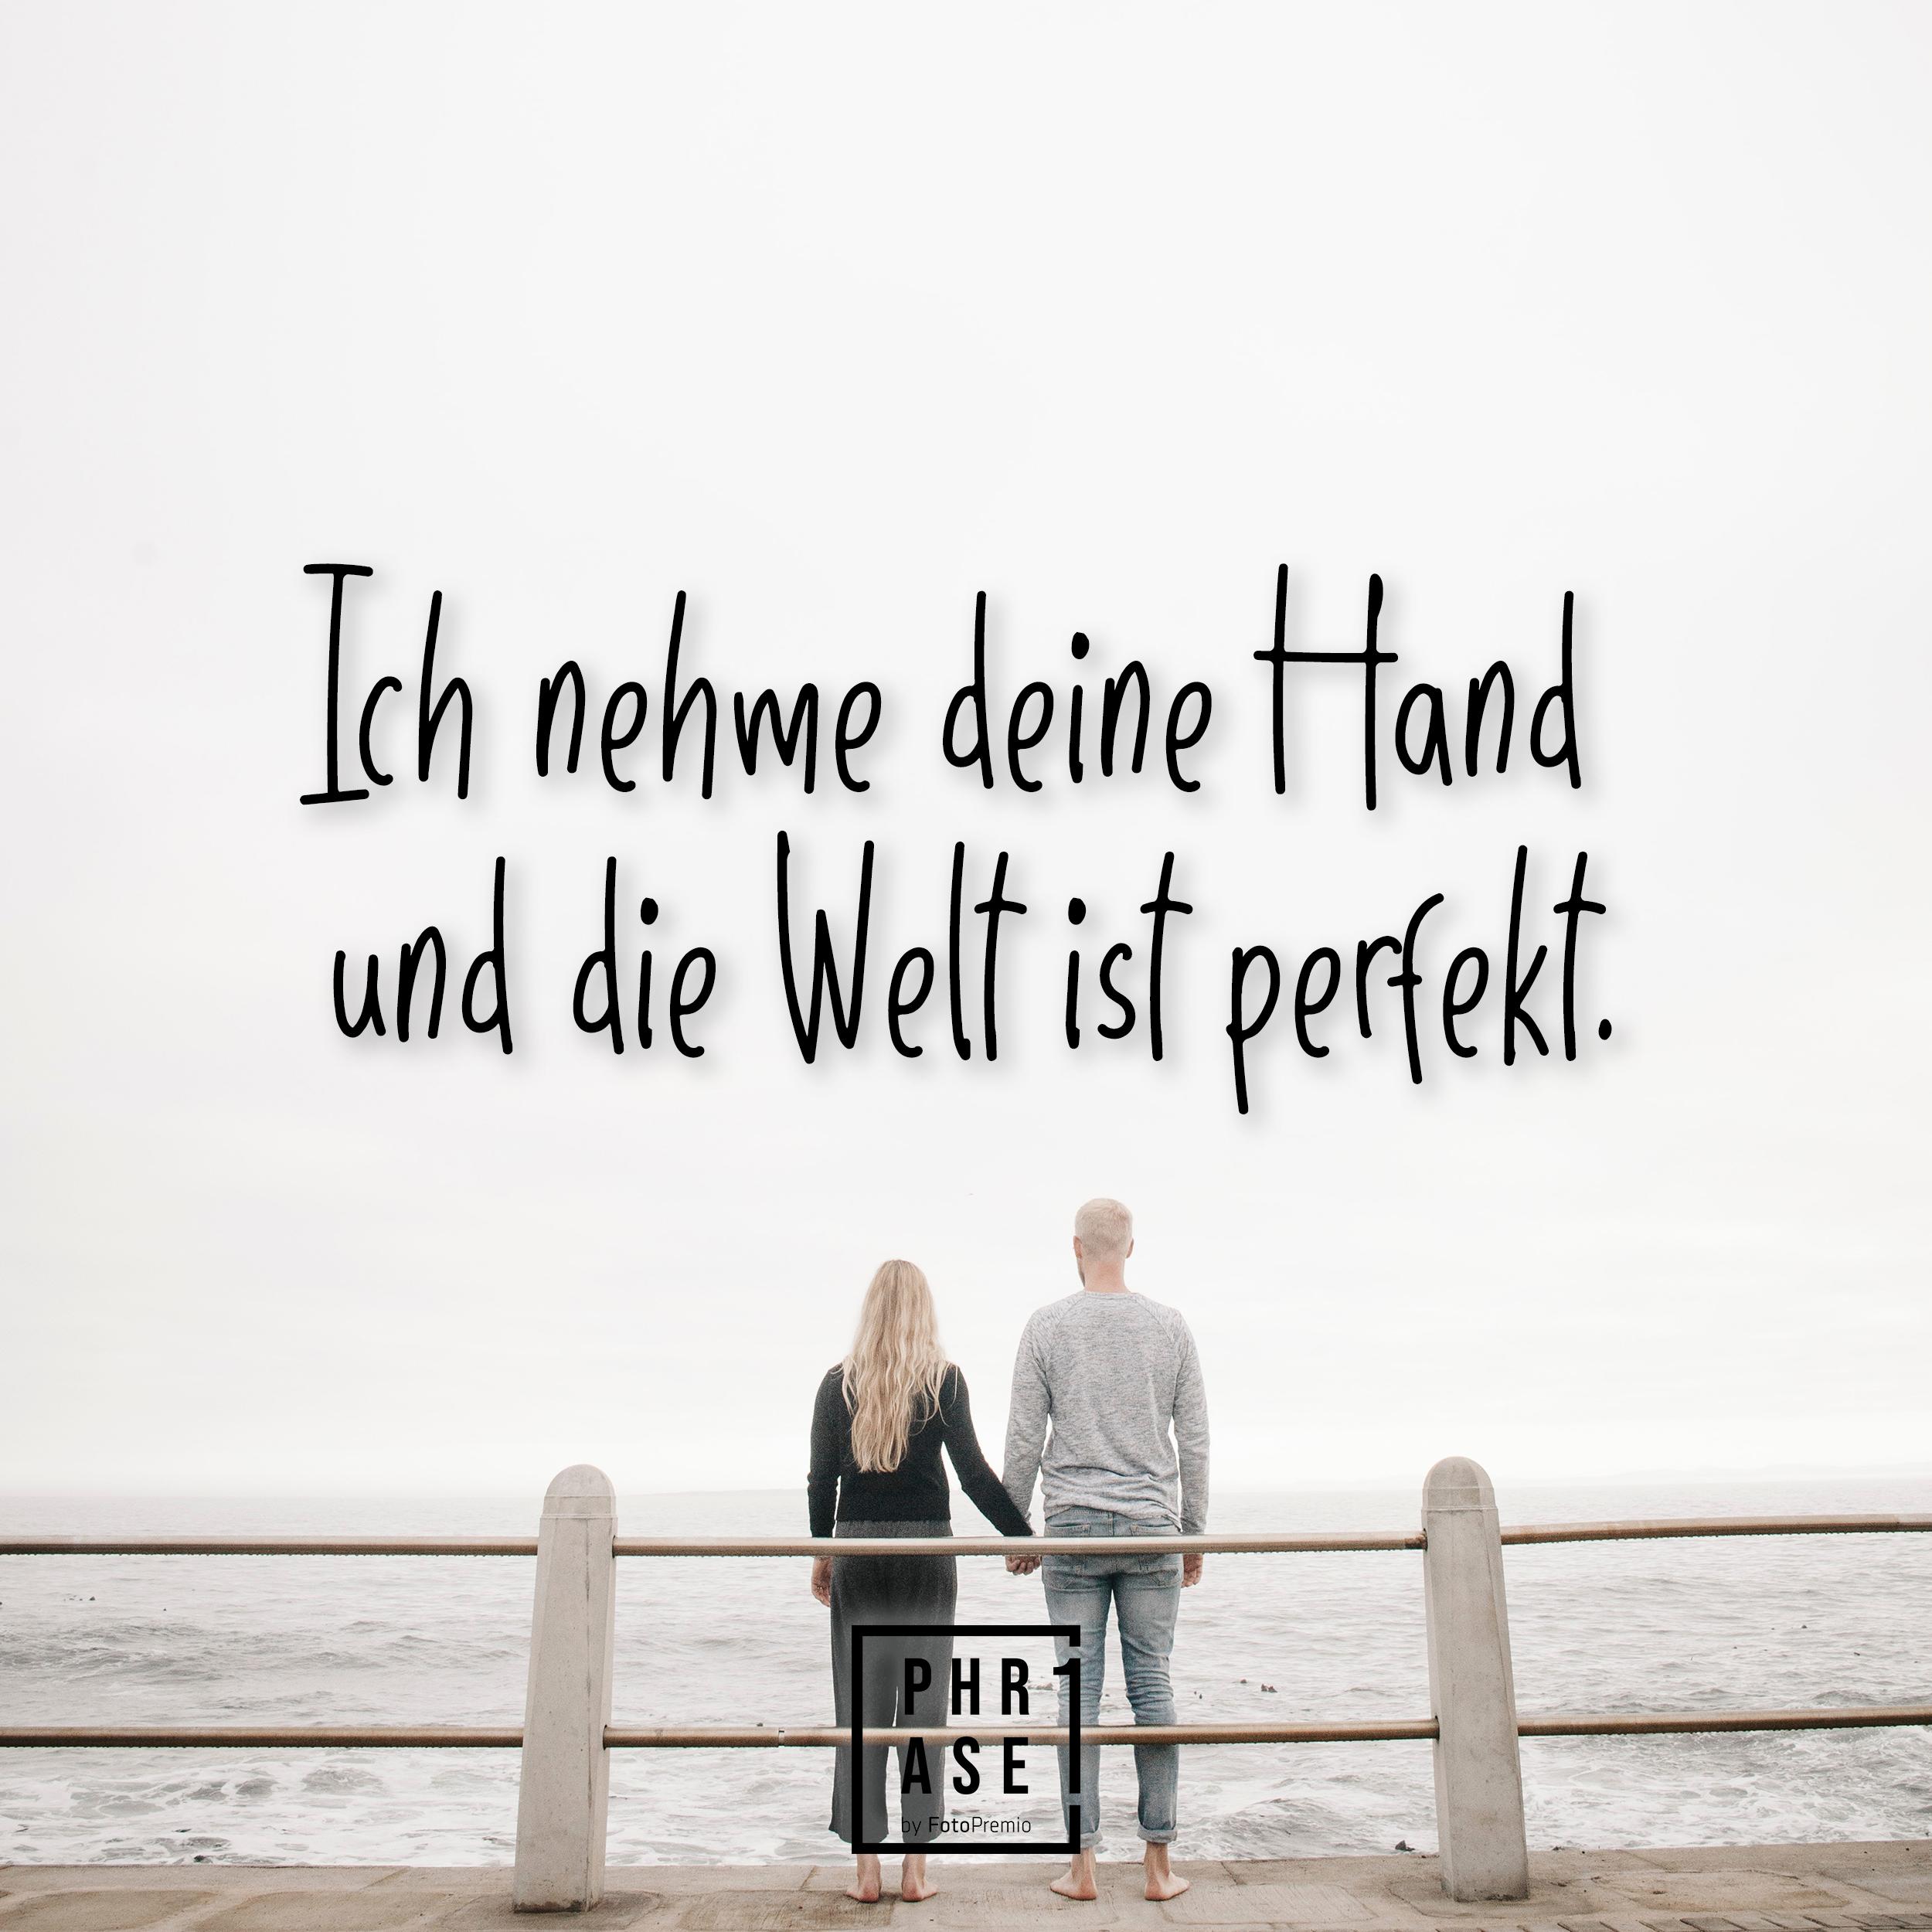 Ich nehme deine Hand und die Welt ist perfekt.